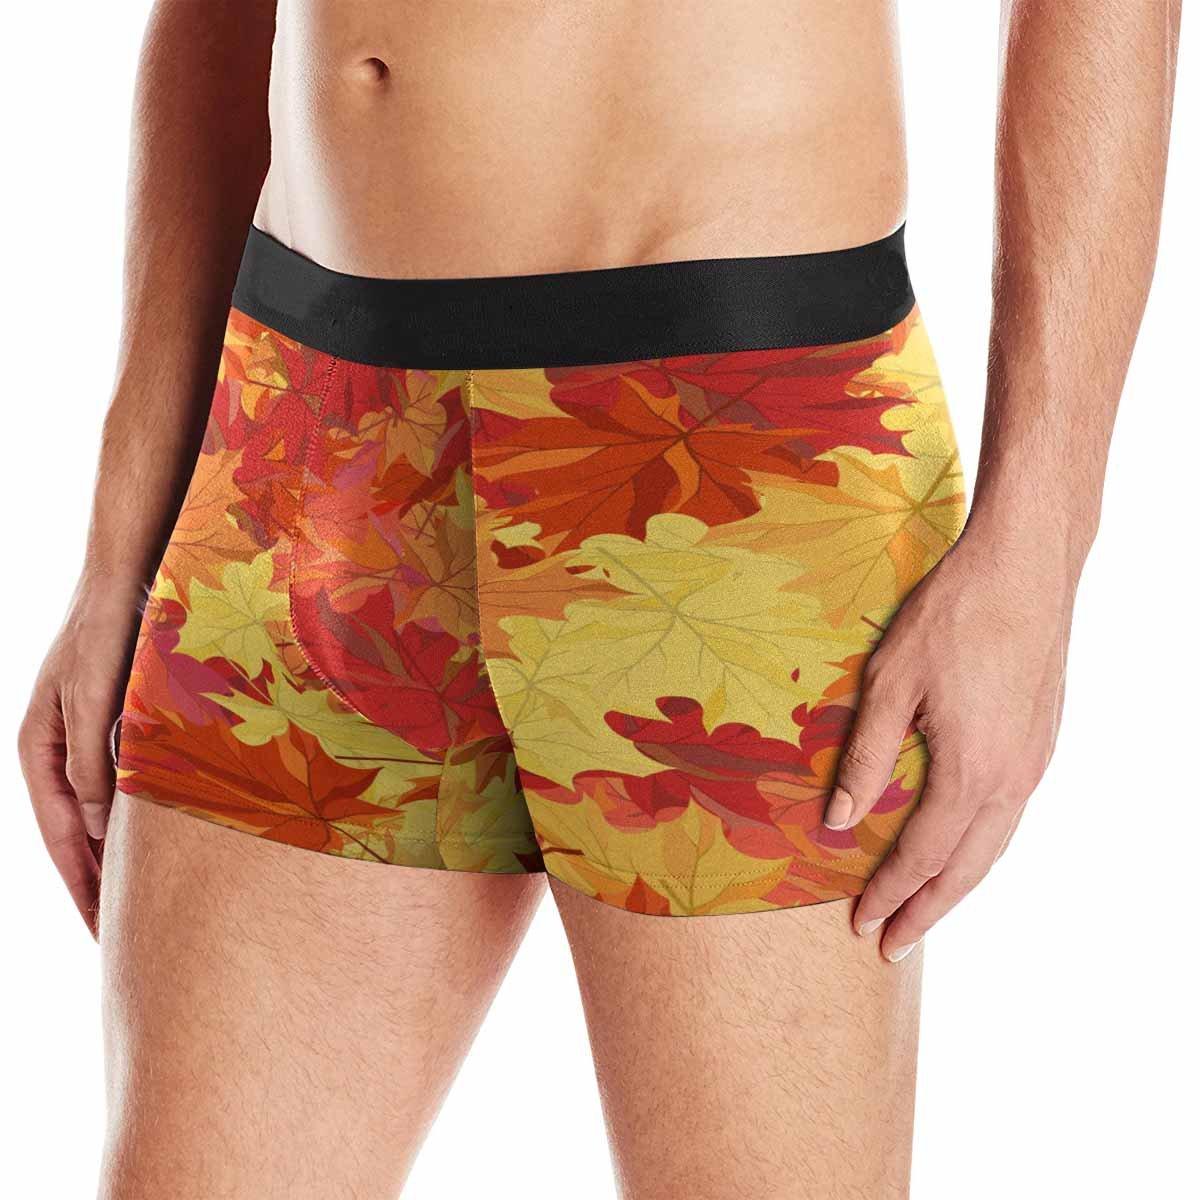 XS-3XL INTERESTPRINT Mens Boxer Briefs Underwear Autumn Maple Leaves